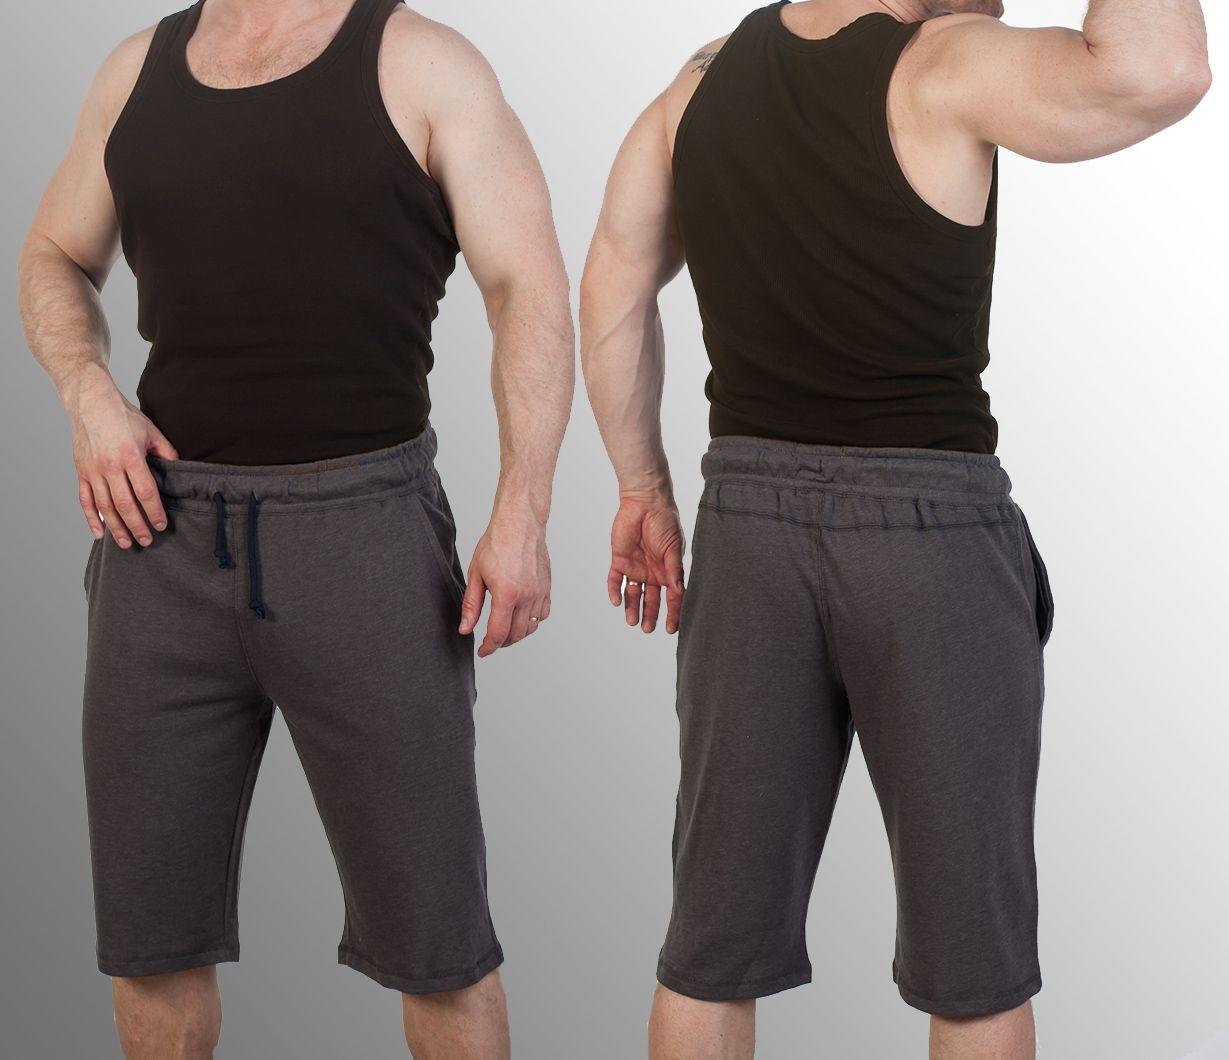 Мужские шорты для дома из новой коллекции